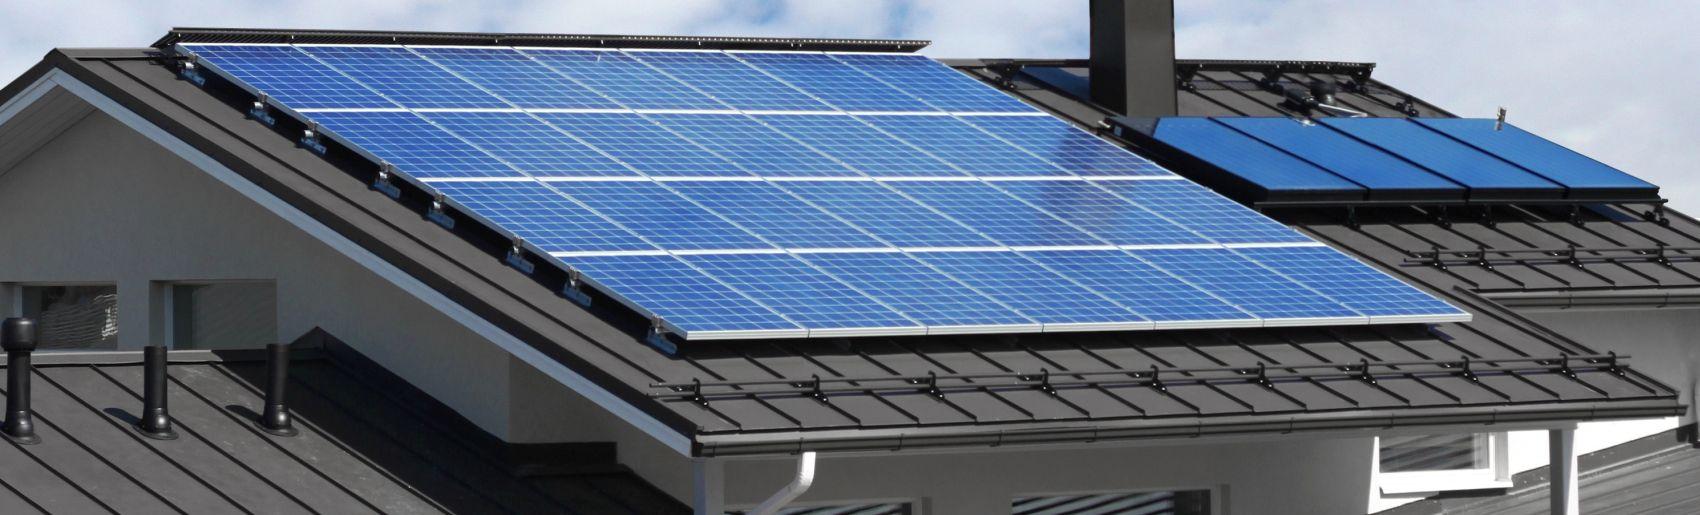 albuquerque solar panels